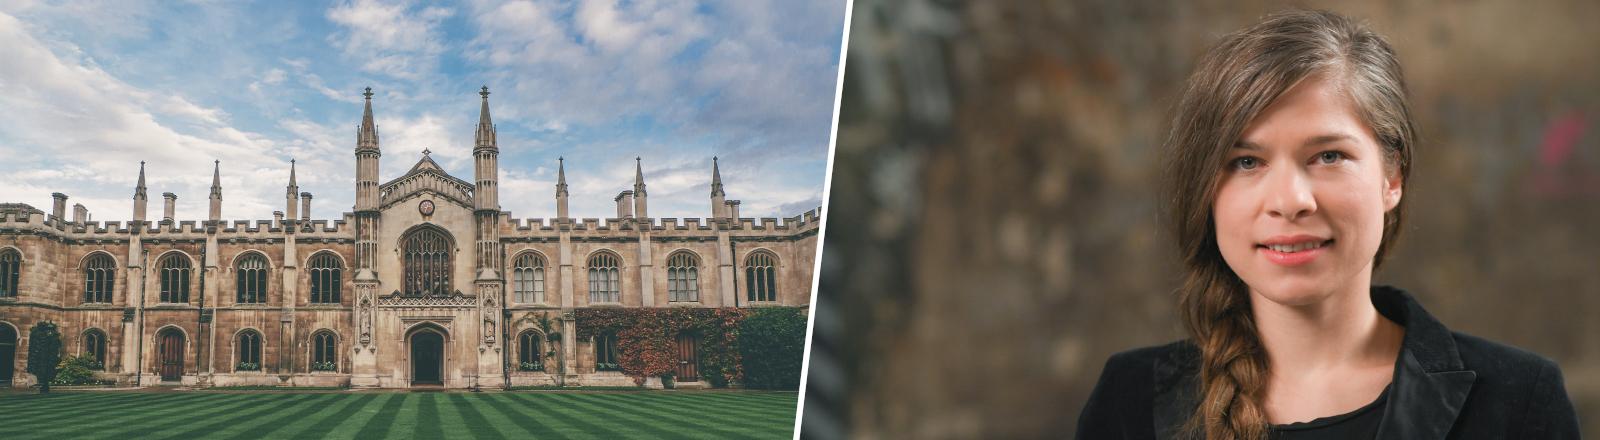 Collage aus Gebäude der Cambridge University und der Autorin Nele Pollatschek